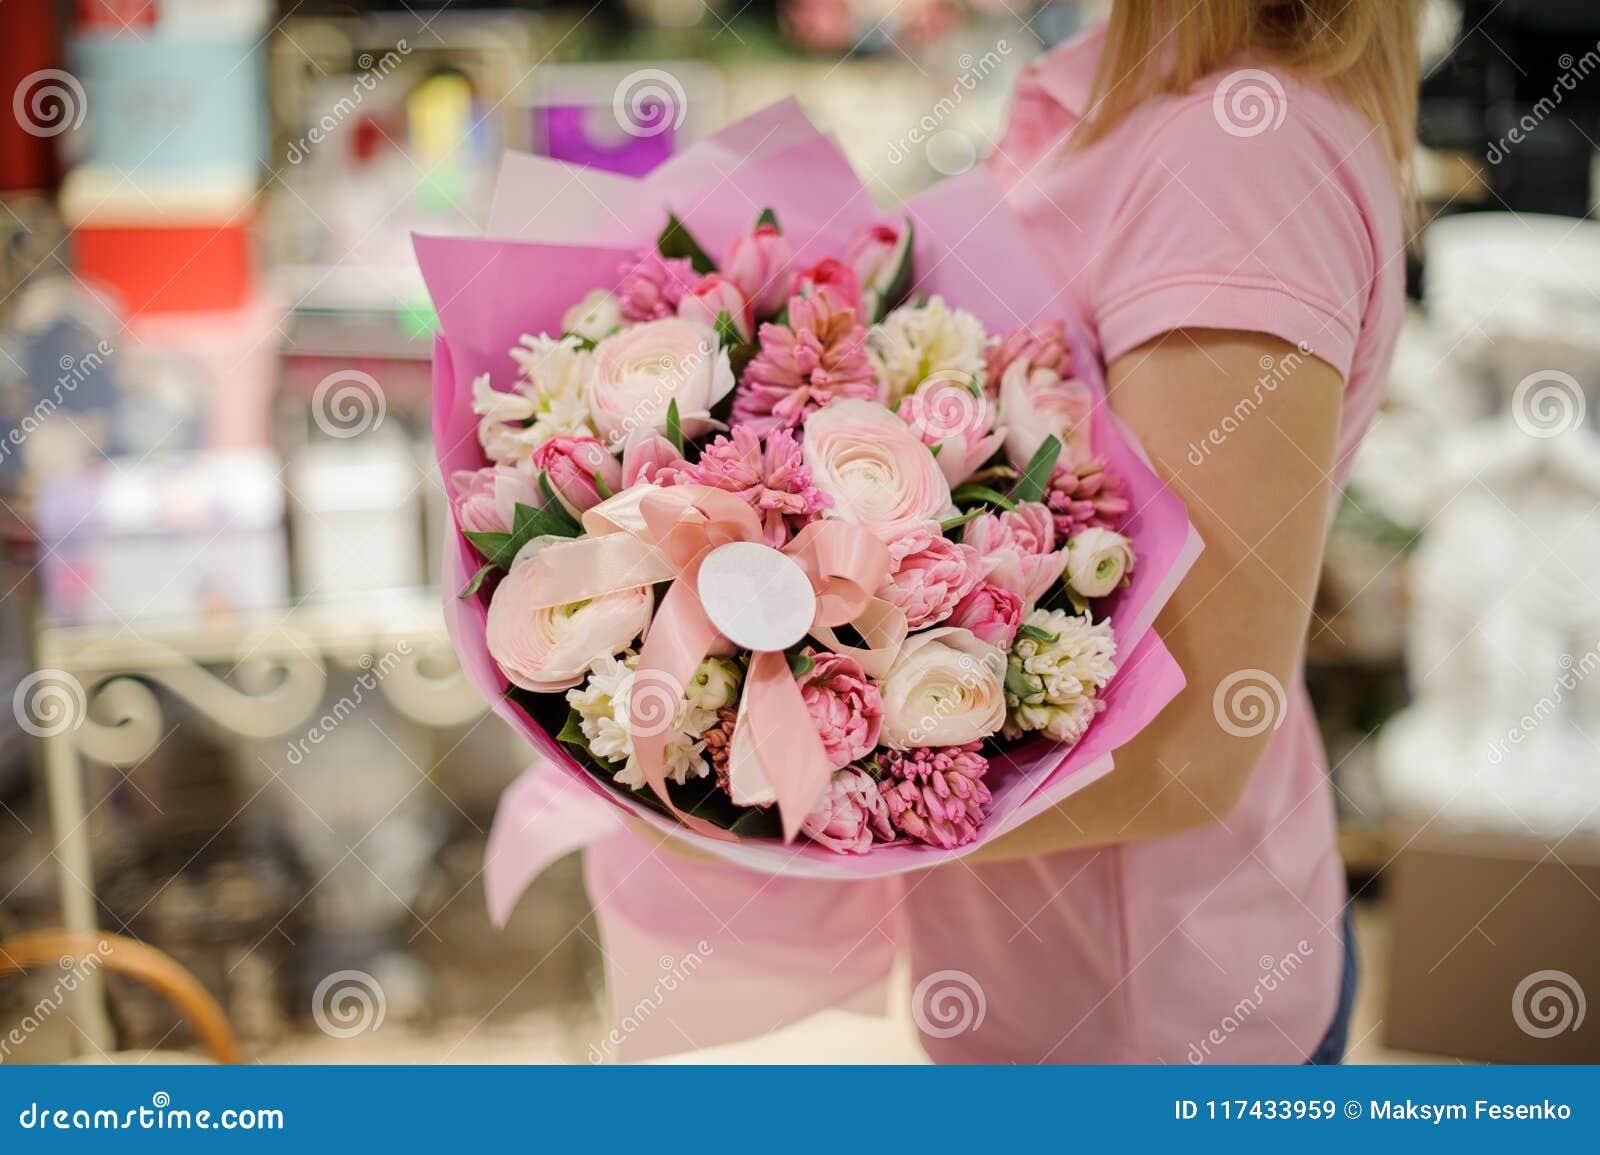 Vrouw tedere roze bloemsamenstelling houden die bestaand uit rozen, ranunculus en andere mooie bloemen